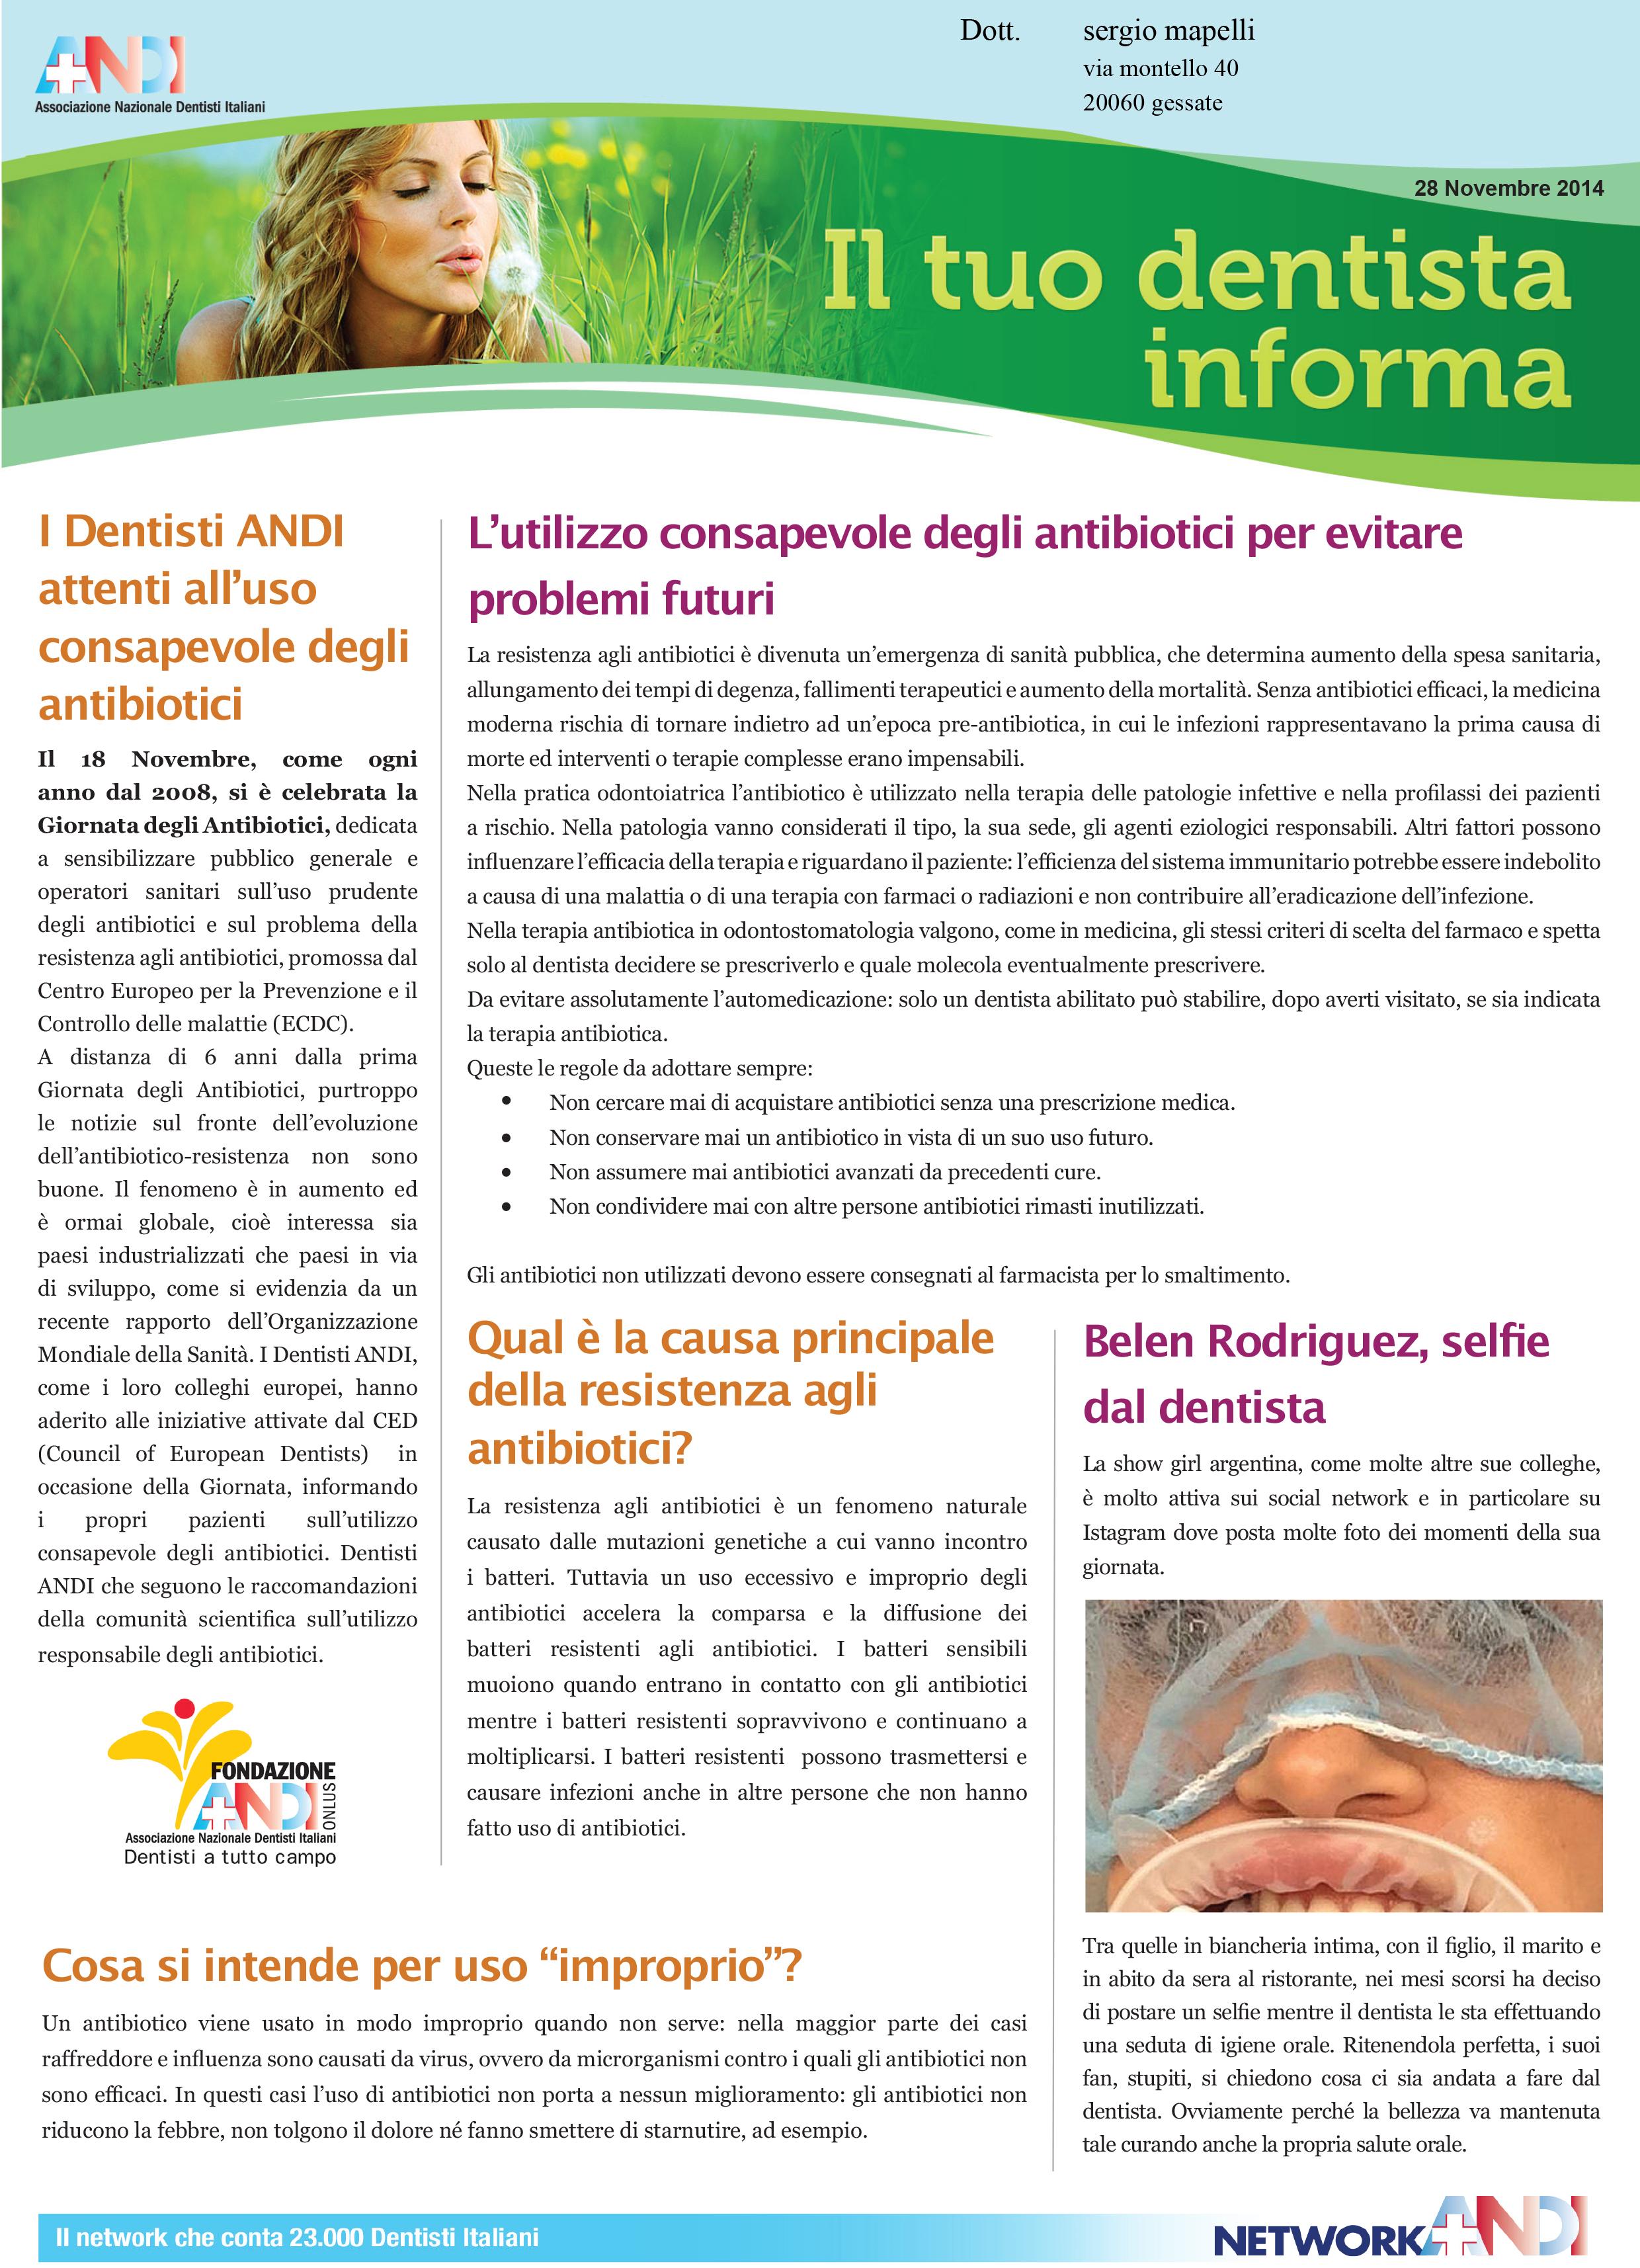 Antibiotici, alcune raccomandazioni.